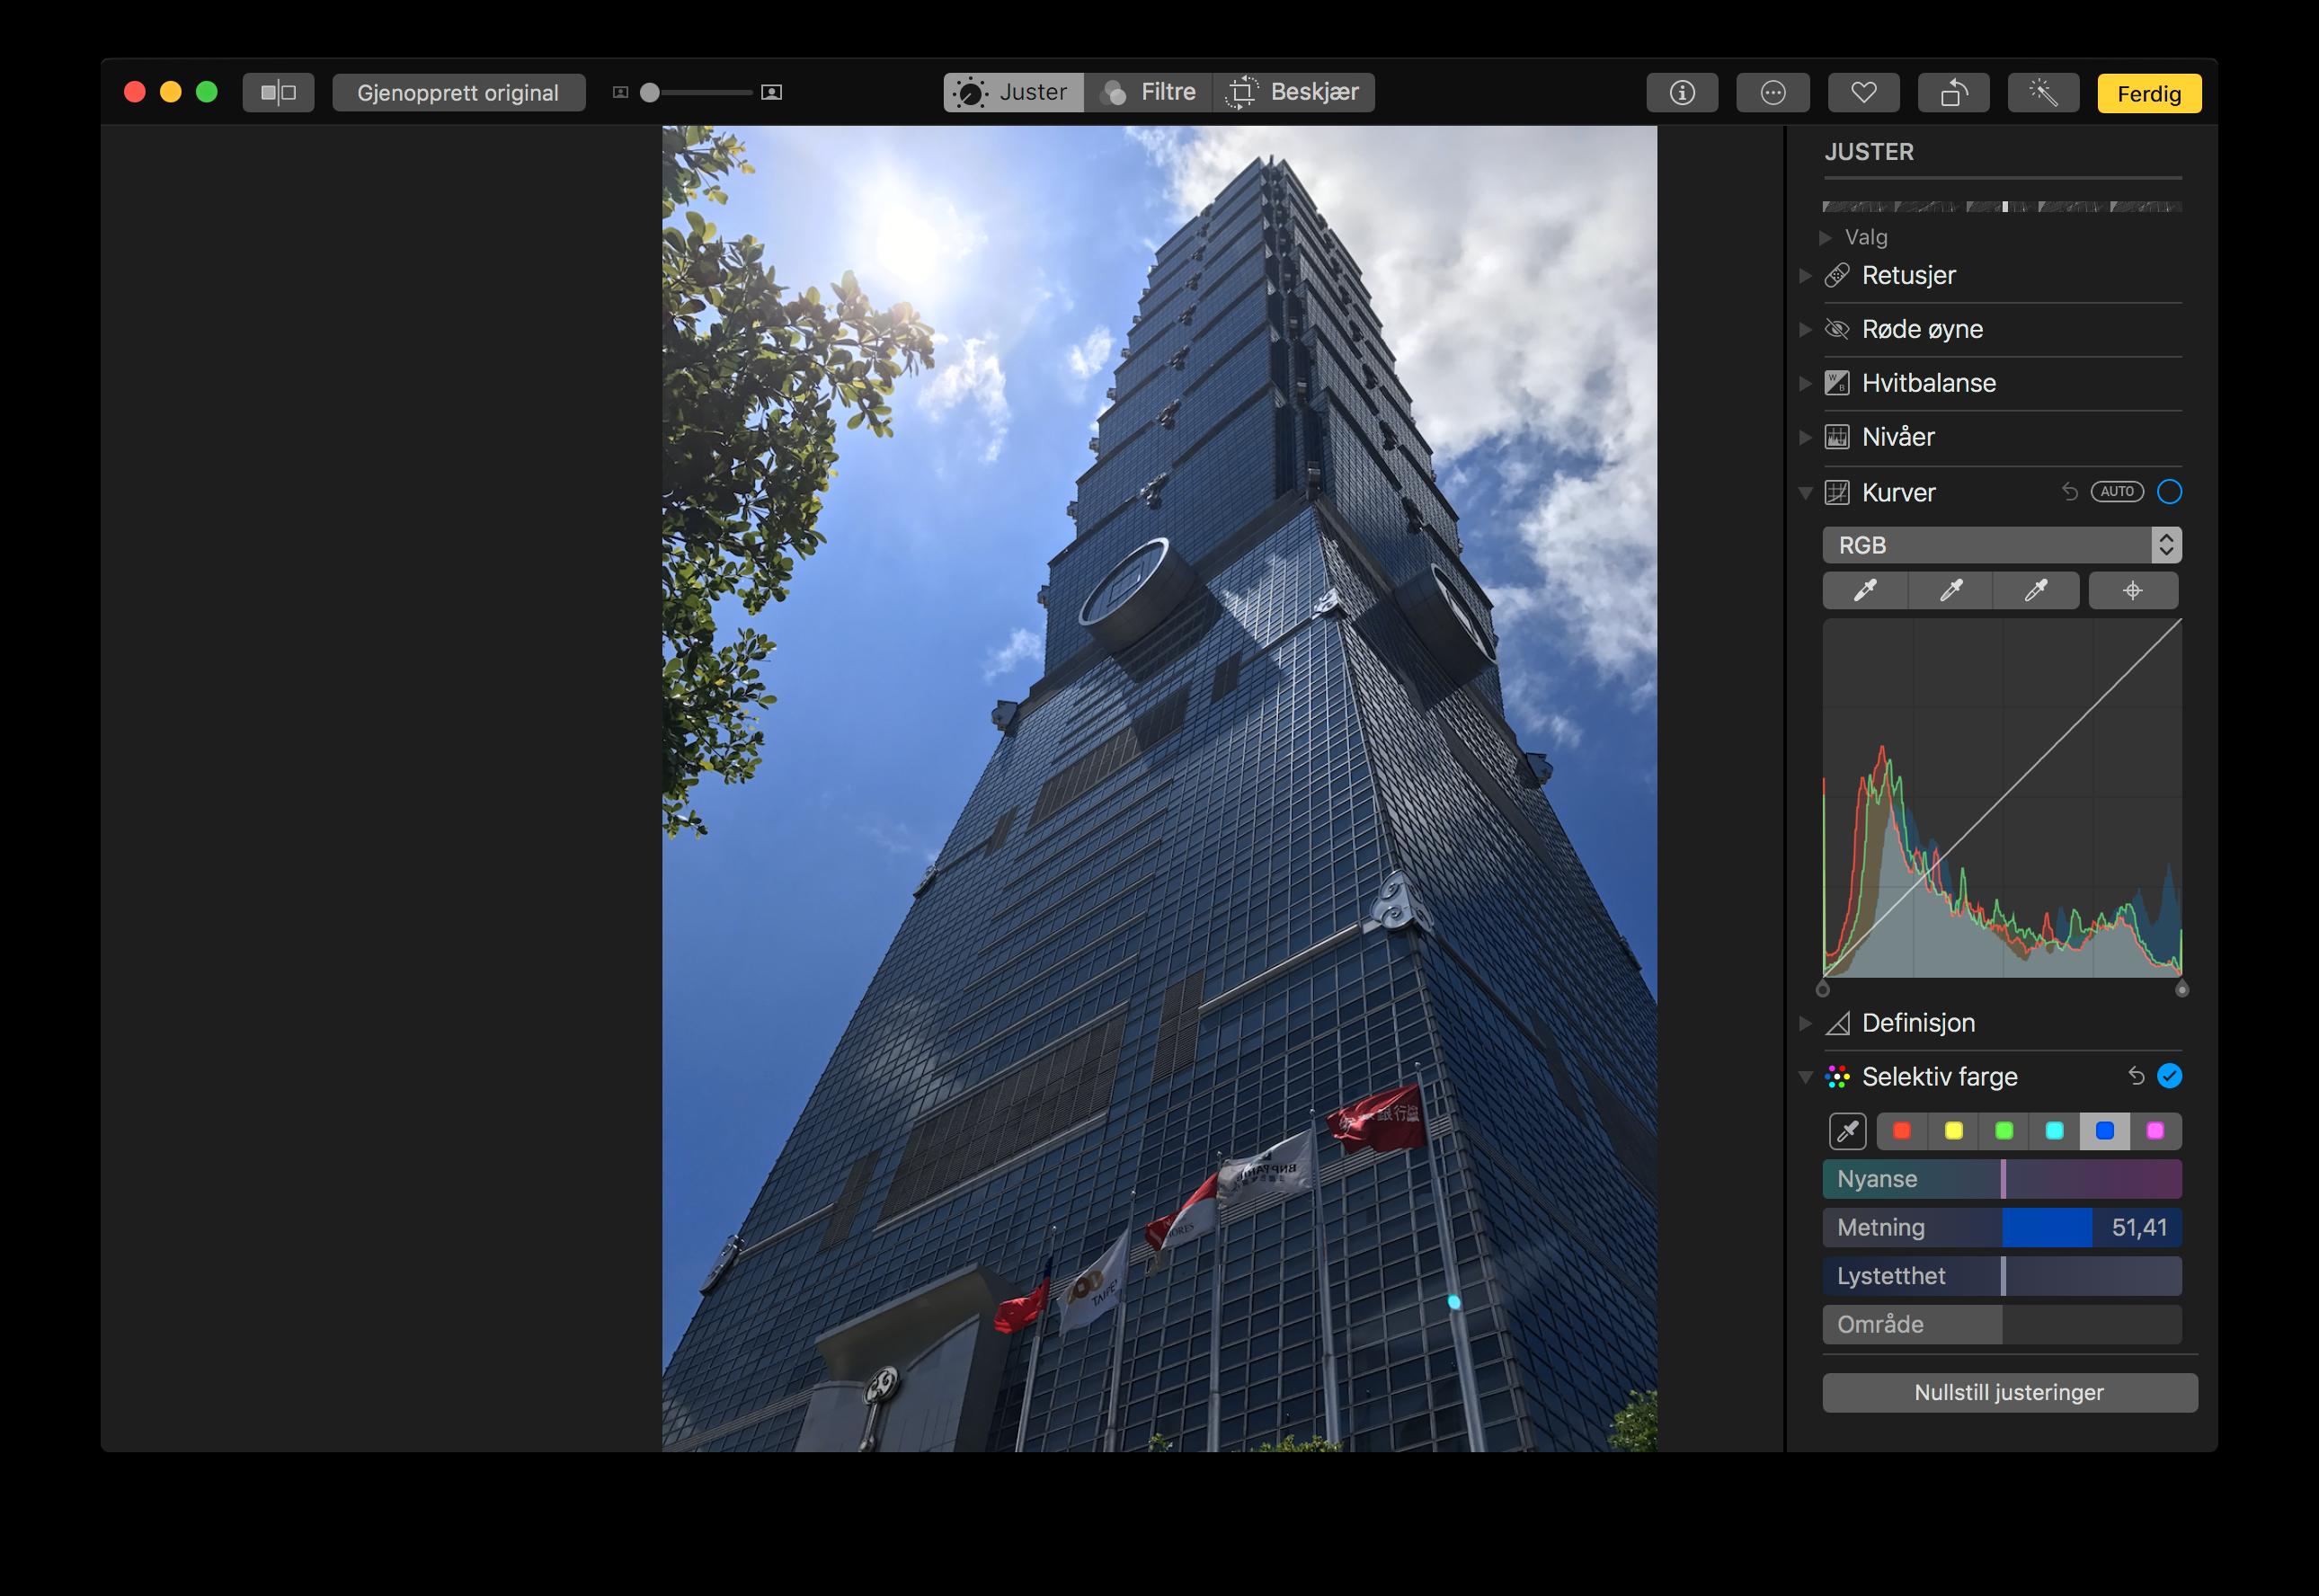 Bilder-appen får blant annet støtte for justering av fargekurve og selektiv fargejustering.